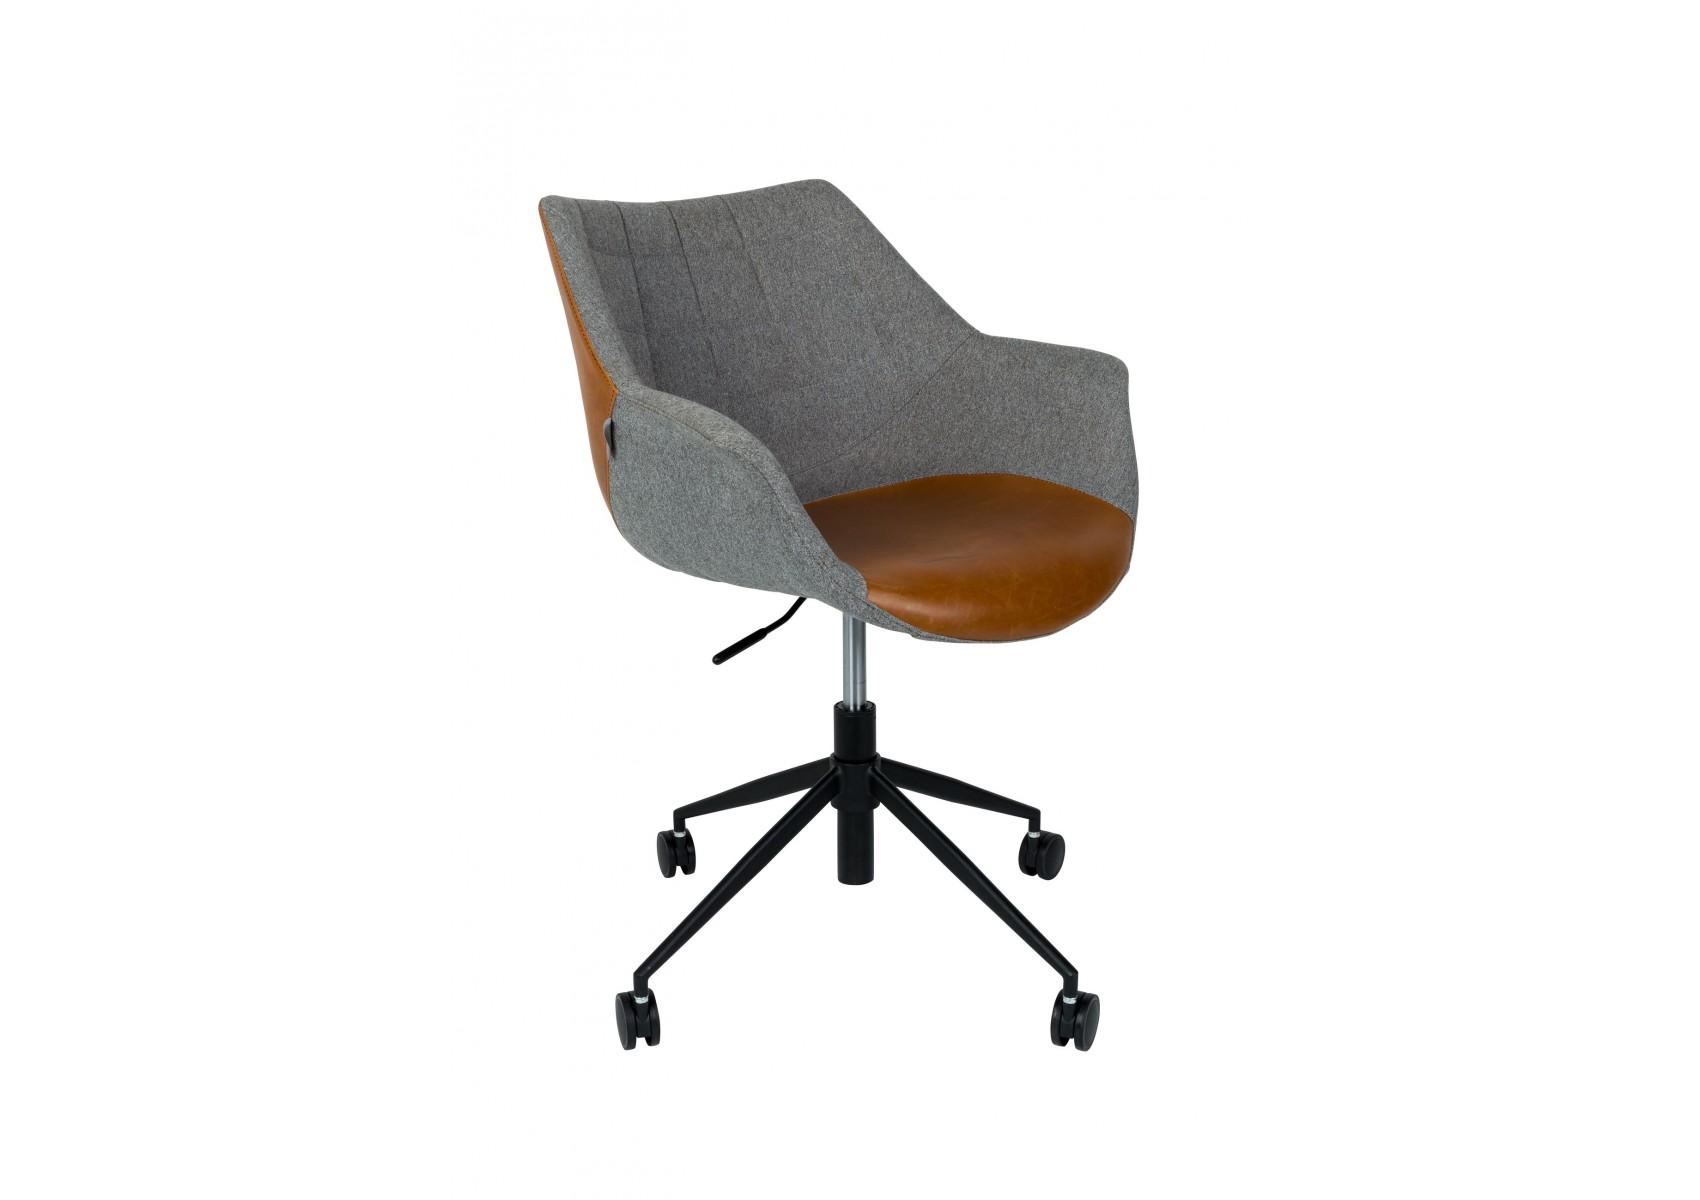 fauteuil de bureau design de la collection doulton office de zuiver. Black Bedroom Furniture Sets. Home Design Ideas